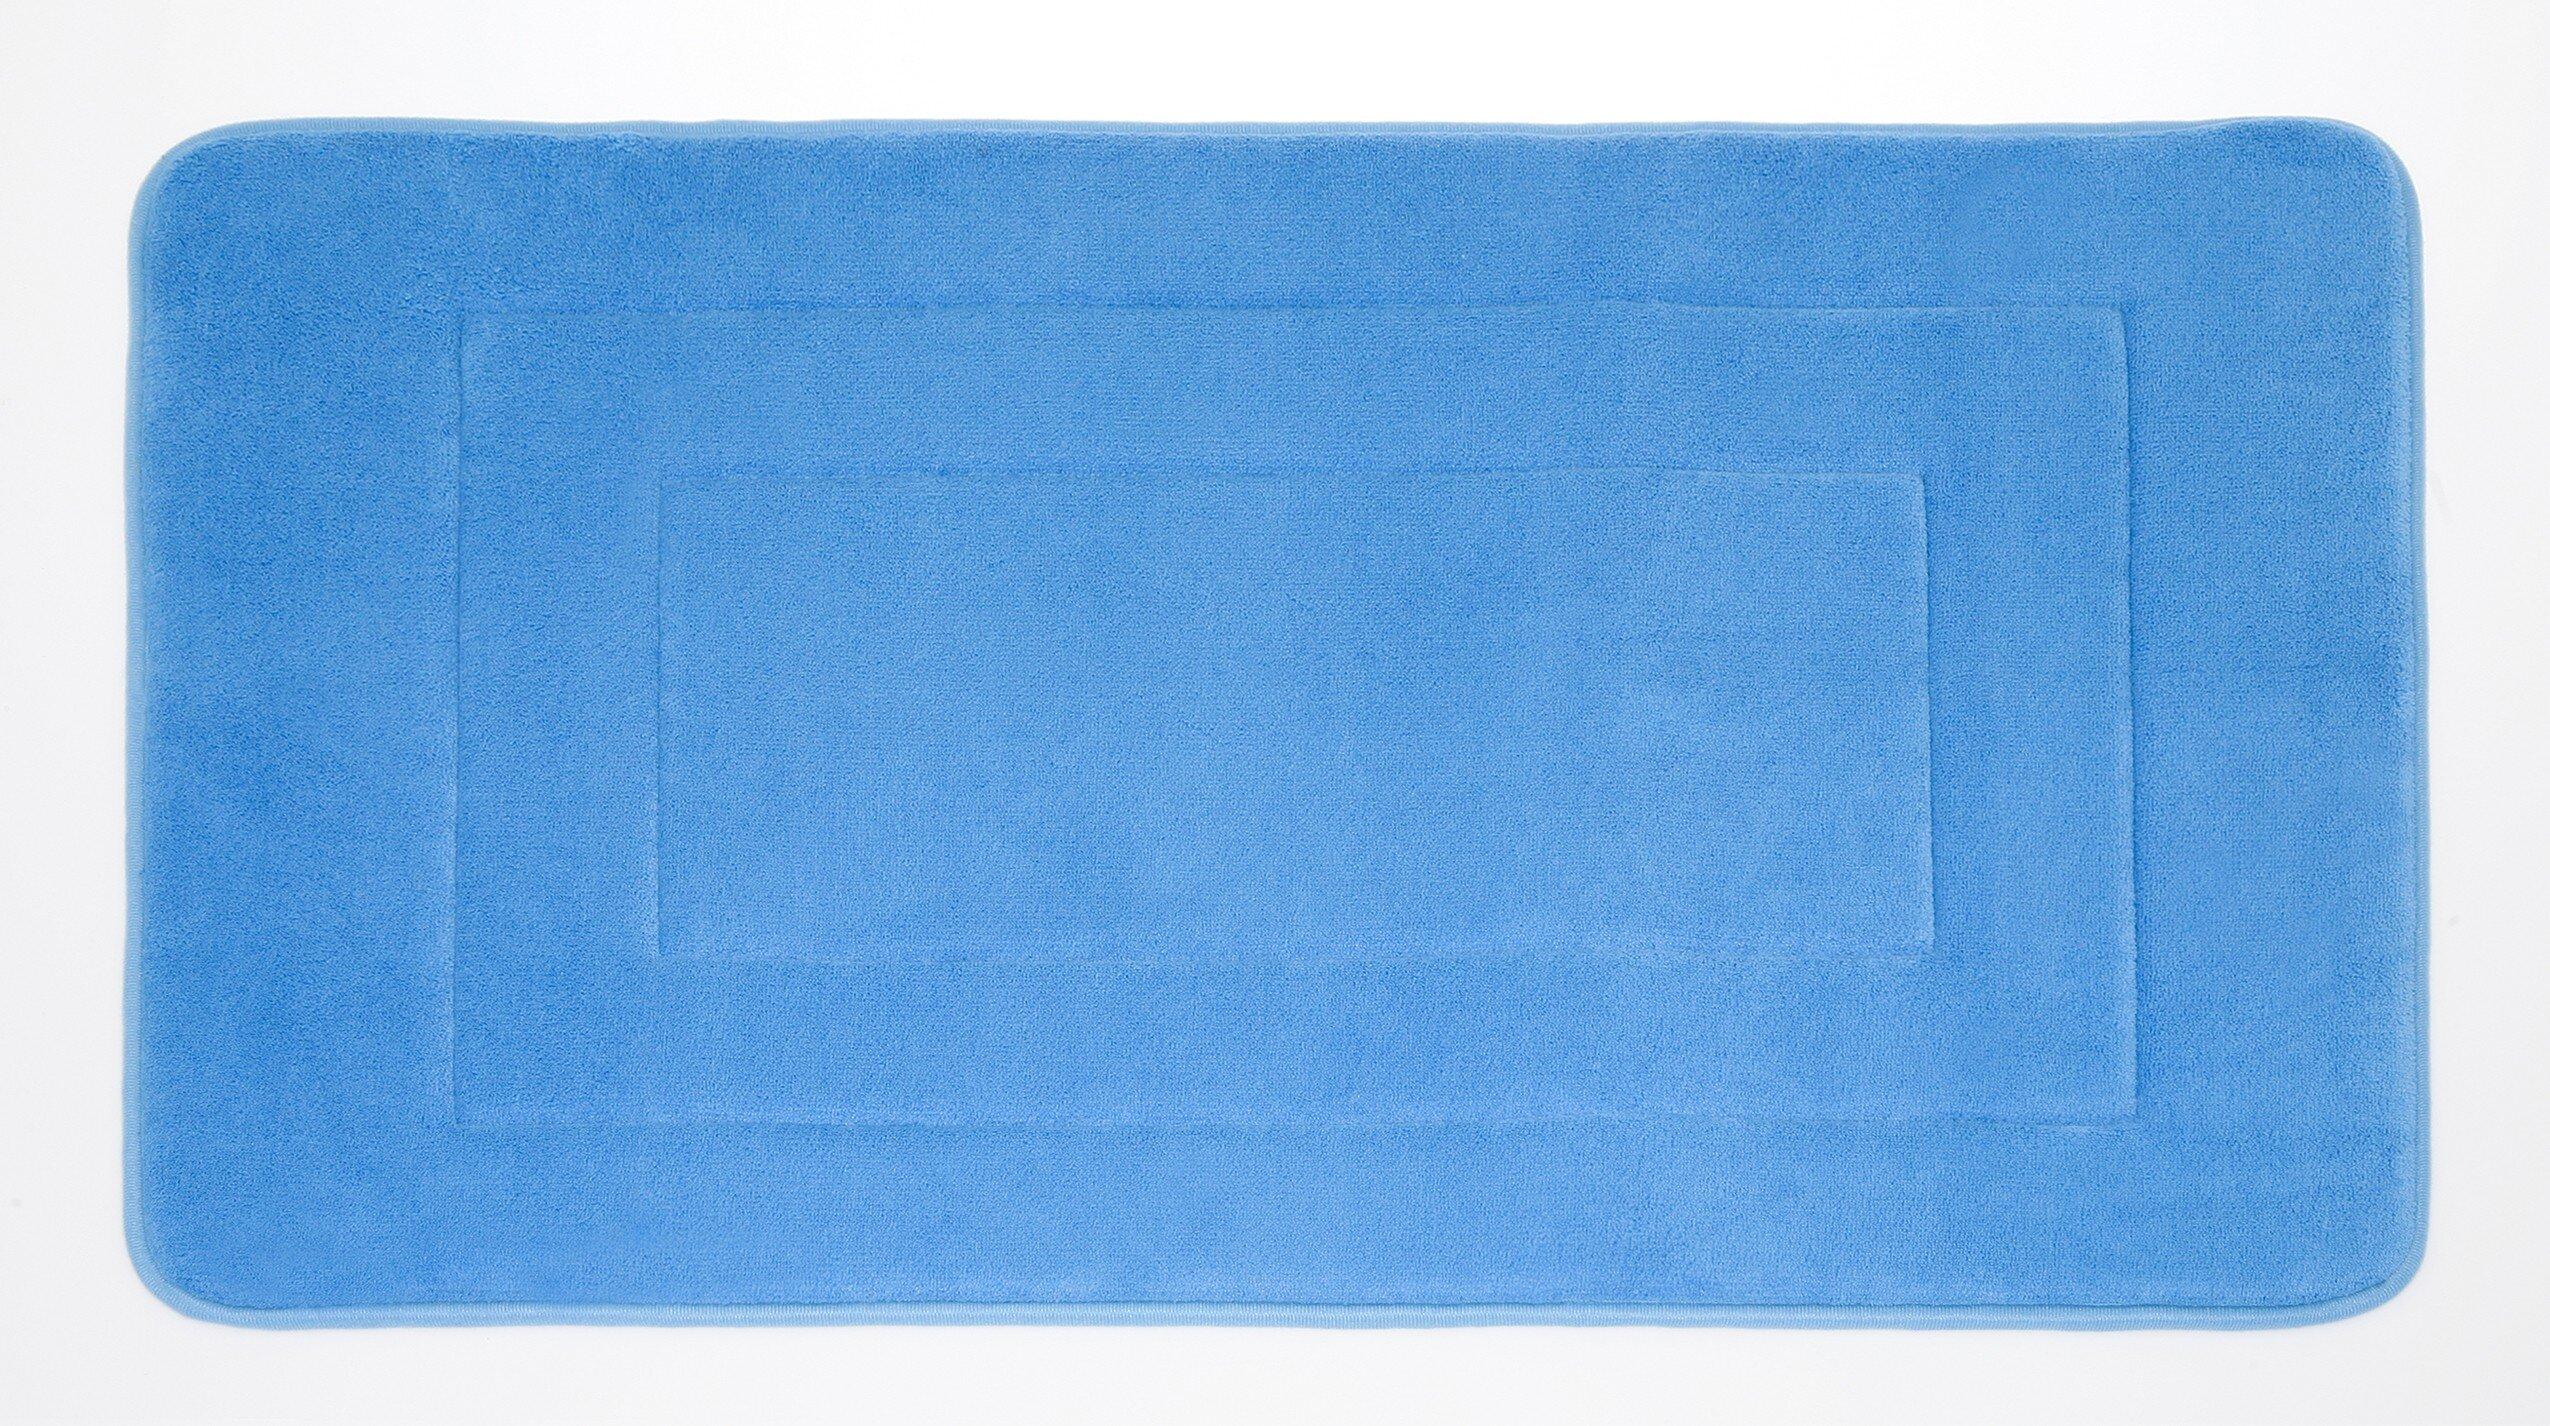 Deluxe Comfort Microfiber Absorbing Bath Mat & Reviews   Wayfair